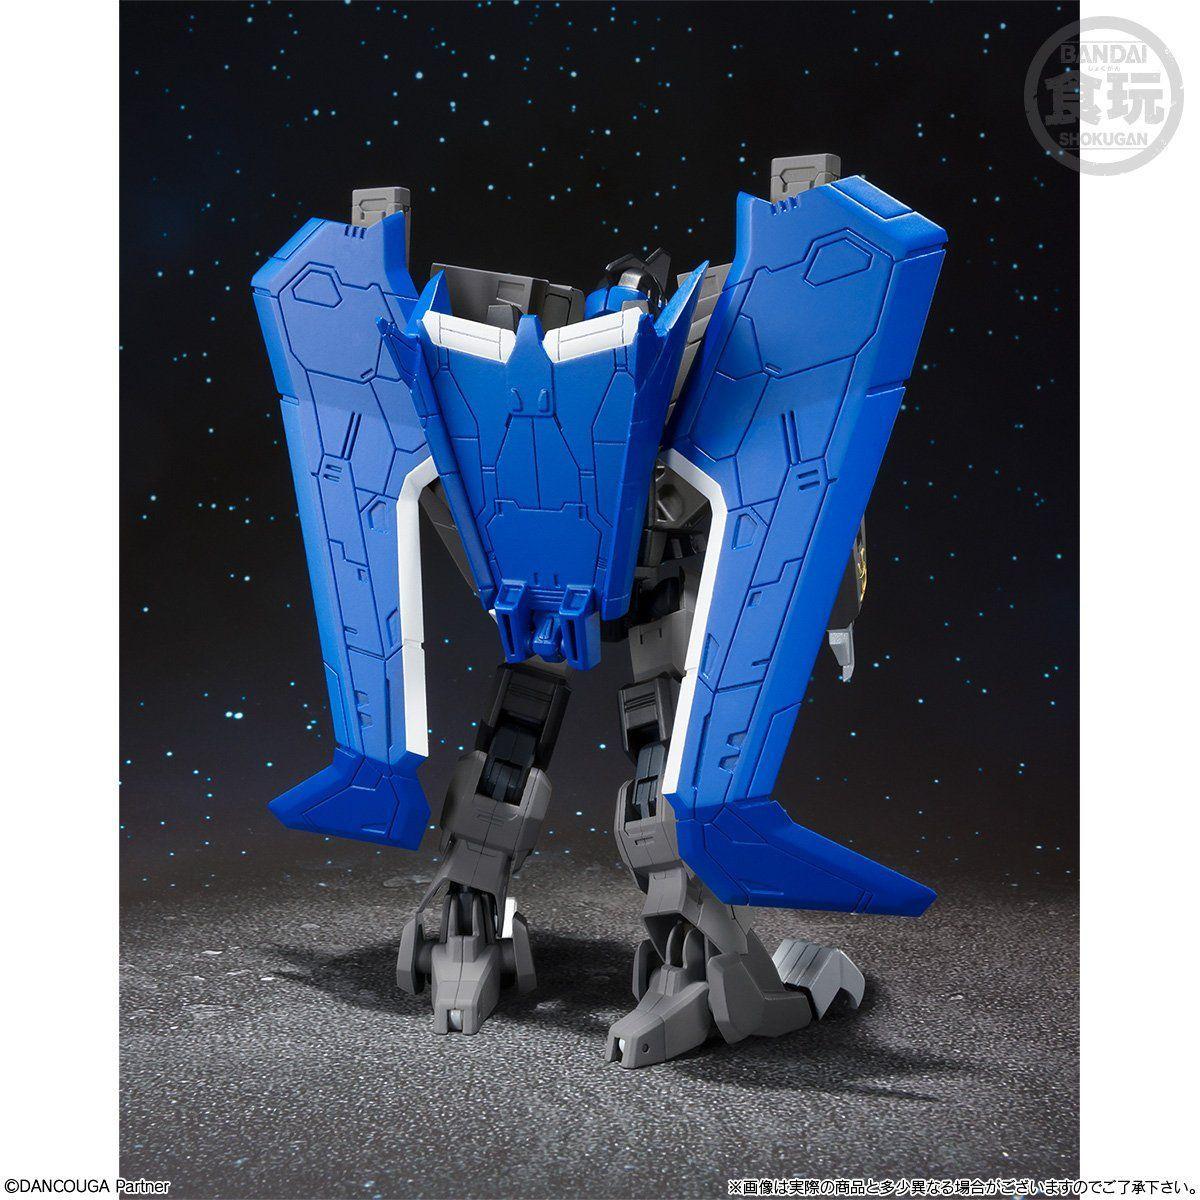 スーパーミニプラ 超獣機神ダンクーガ ブラックウイング【プレミアムバンダイ限定】_2